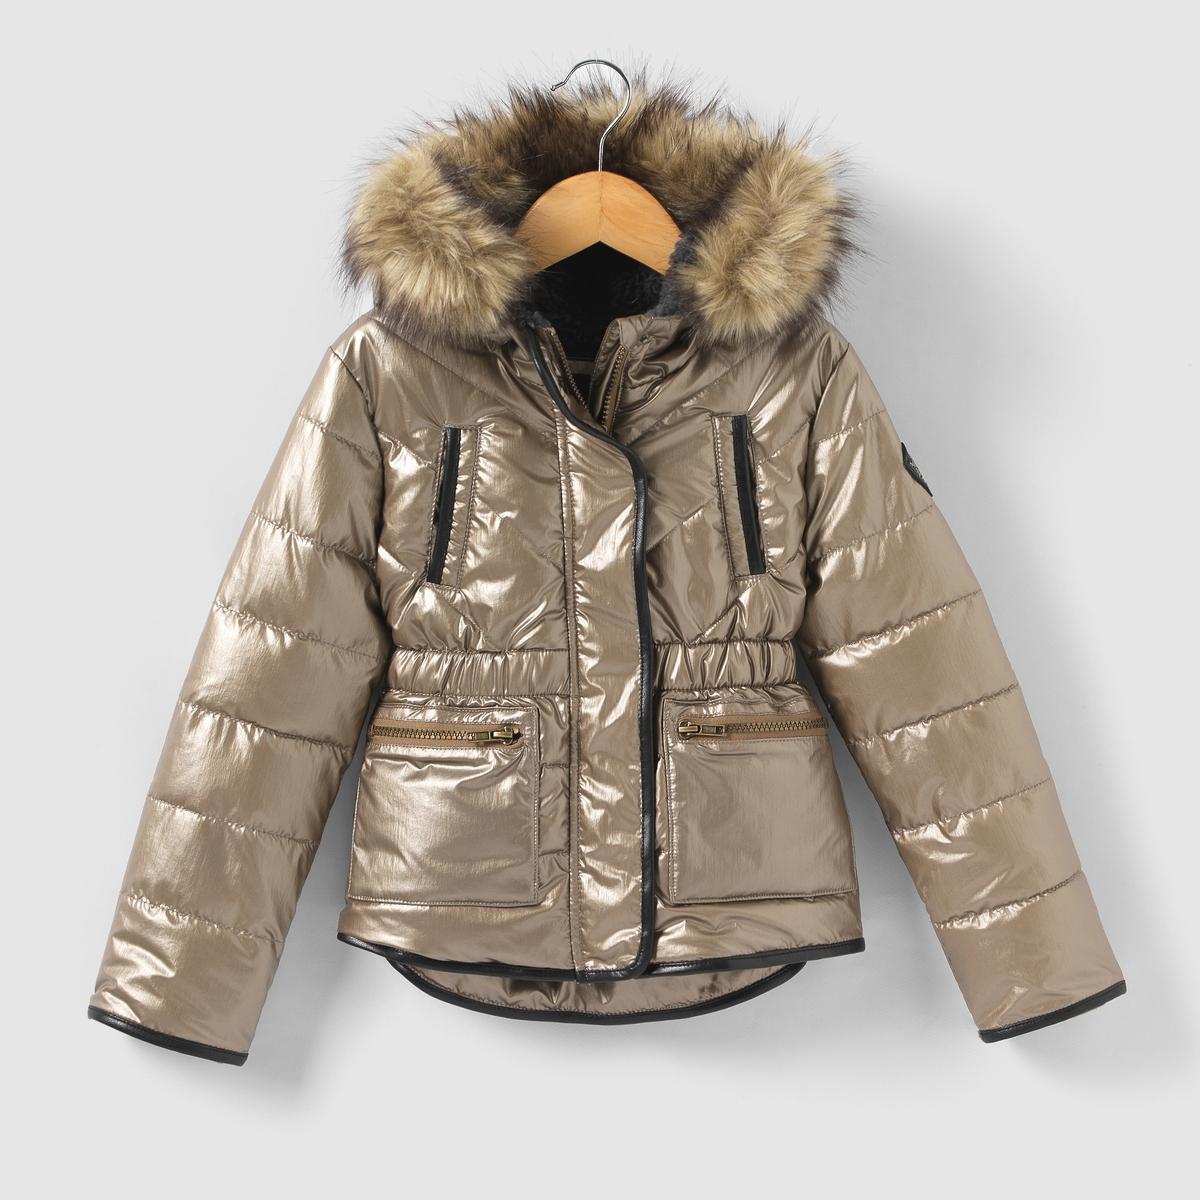 Куртка стеганая с капюшоном, искусственный мех, 3-14 лет